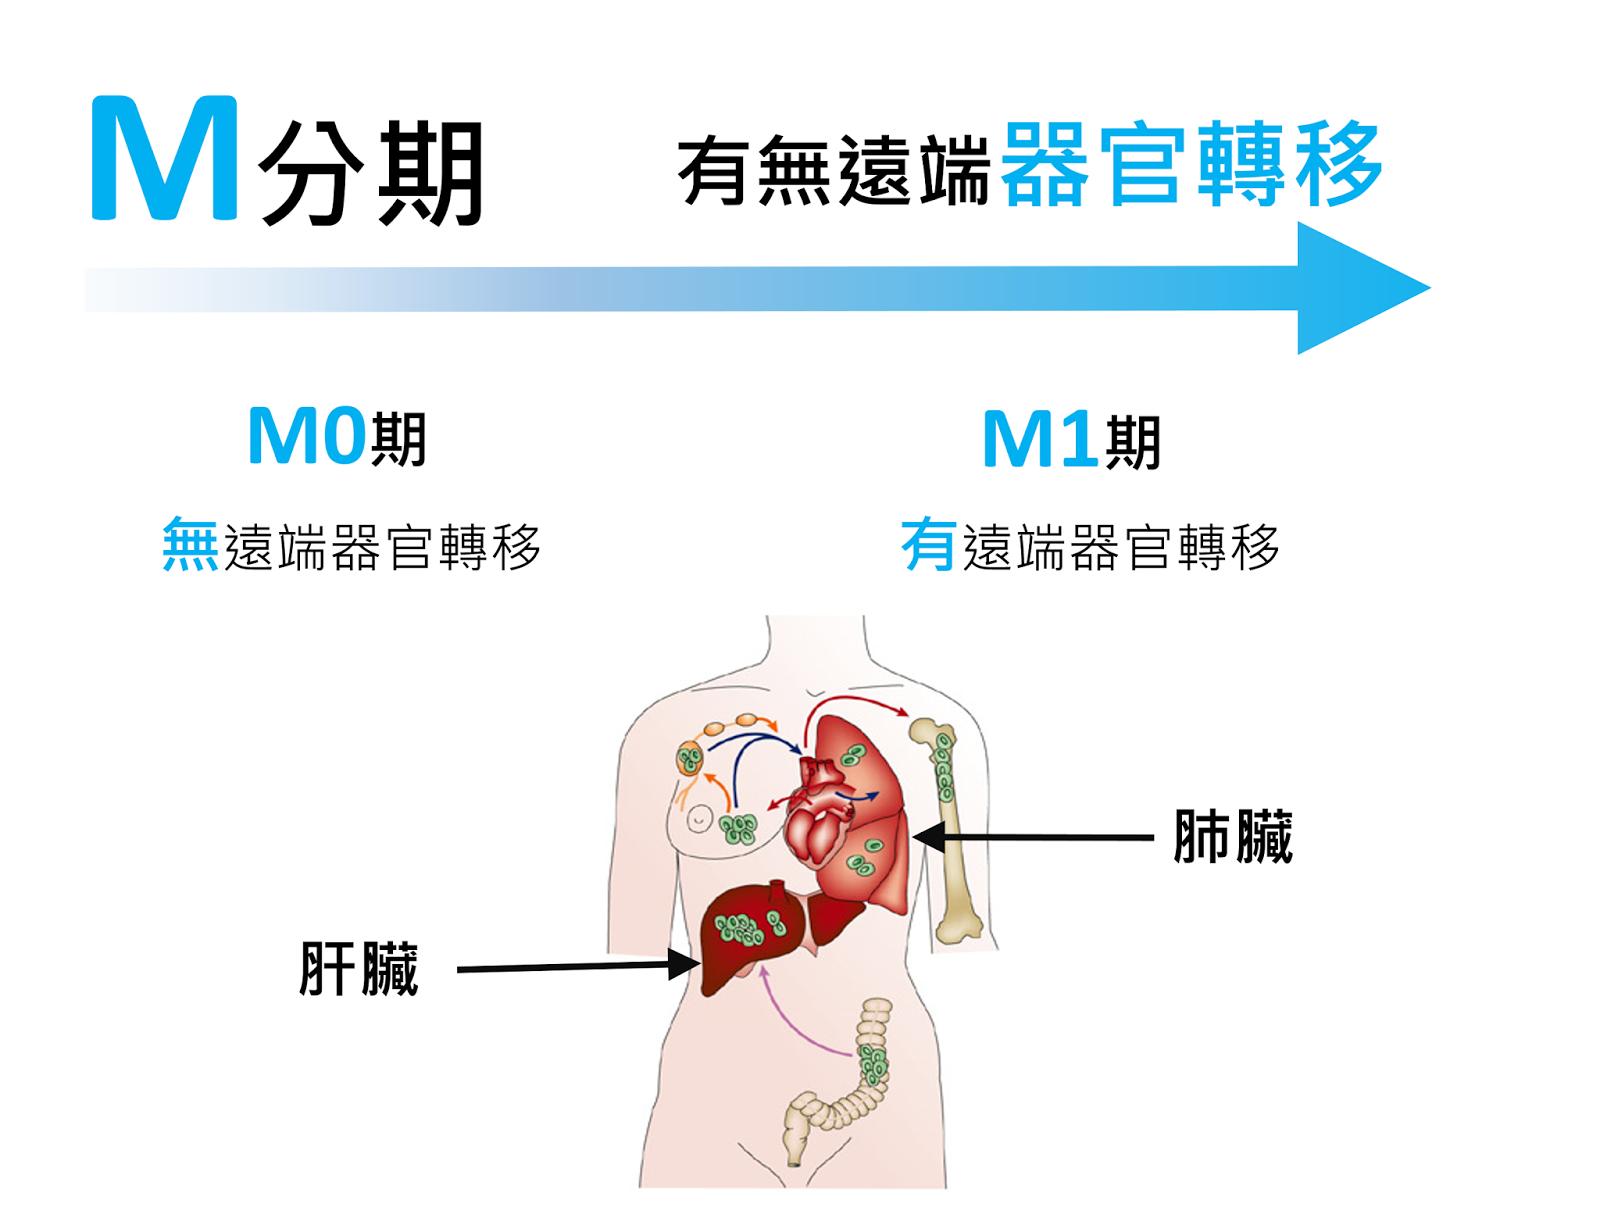 謝孟樵 醫師│Meng Chiao Hsieh, M.D. : 大腸直腸癌分期簡介